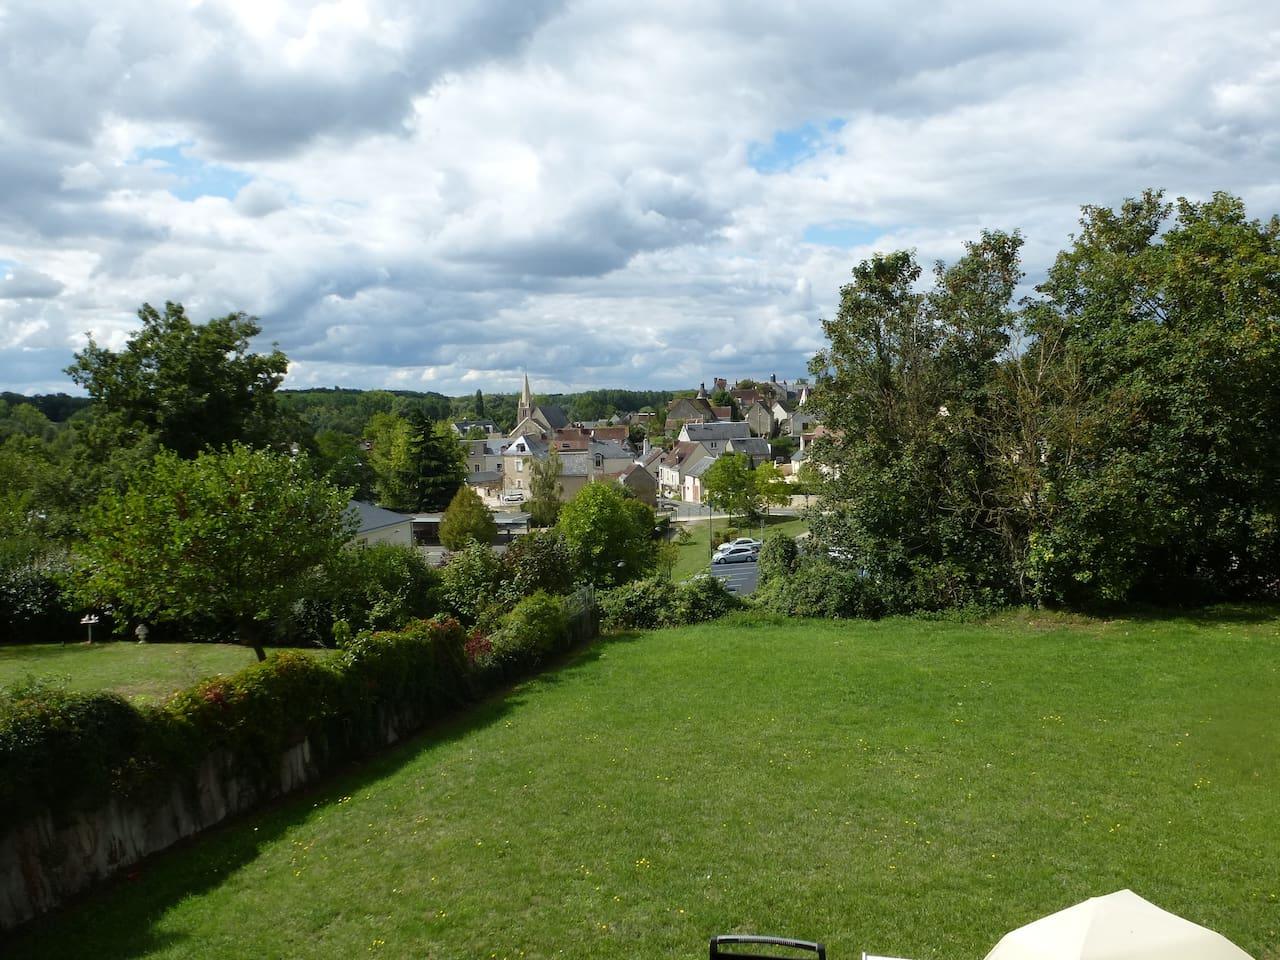 Quartier paisible avec vue sur bourg, vallée de l'Indre et chateau d'Esvres